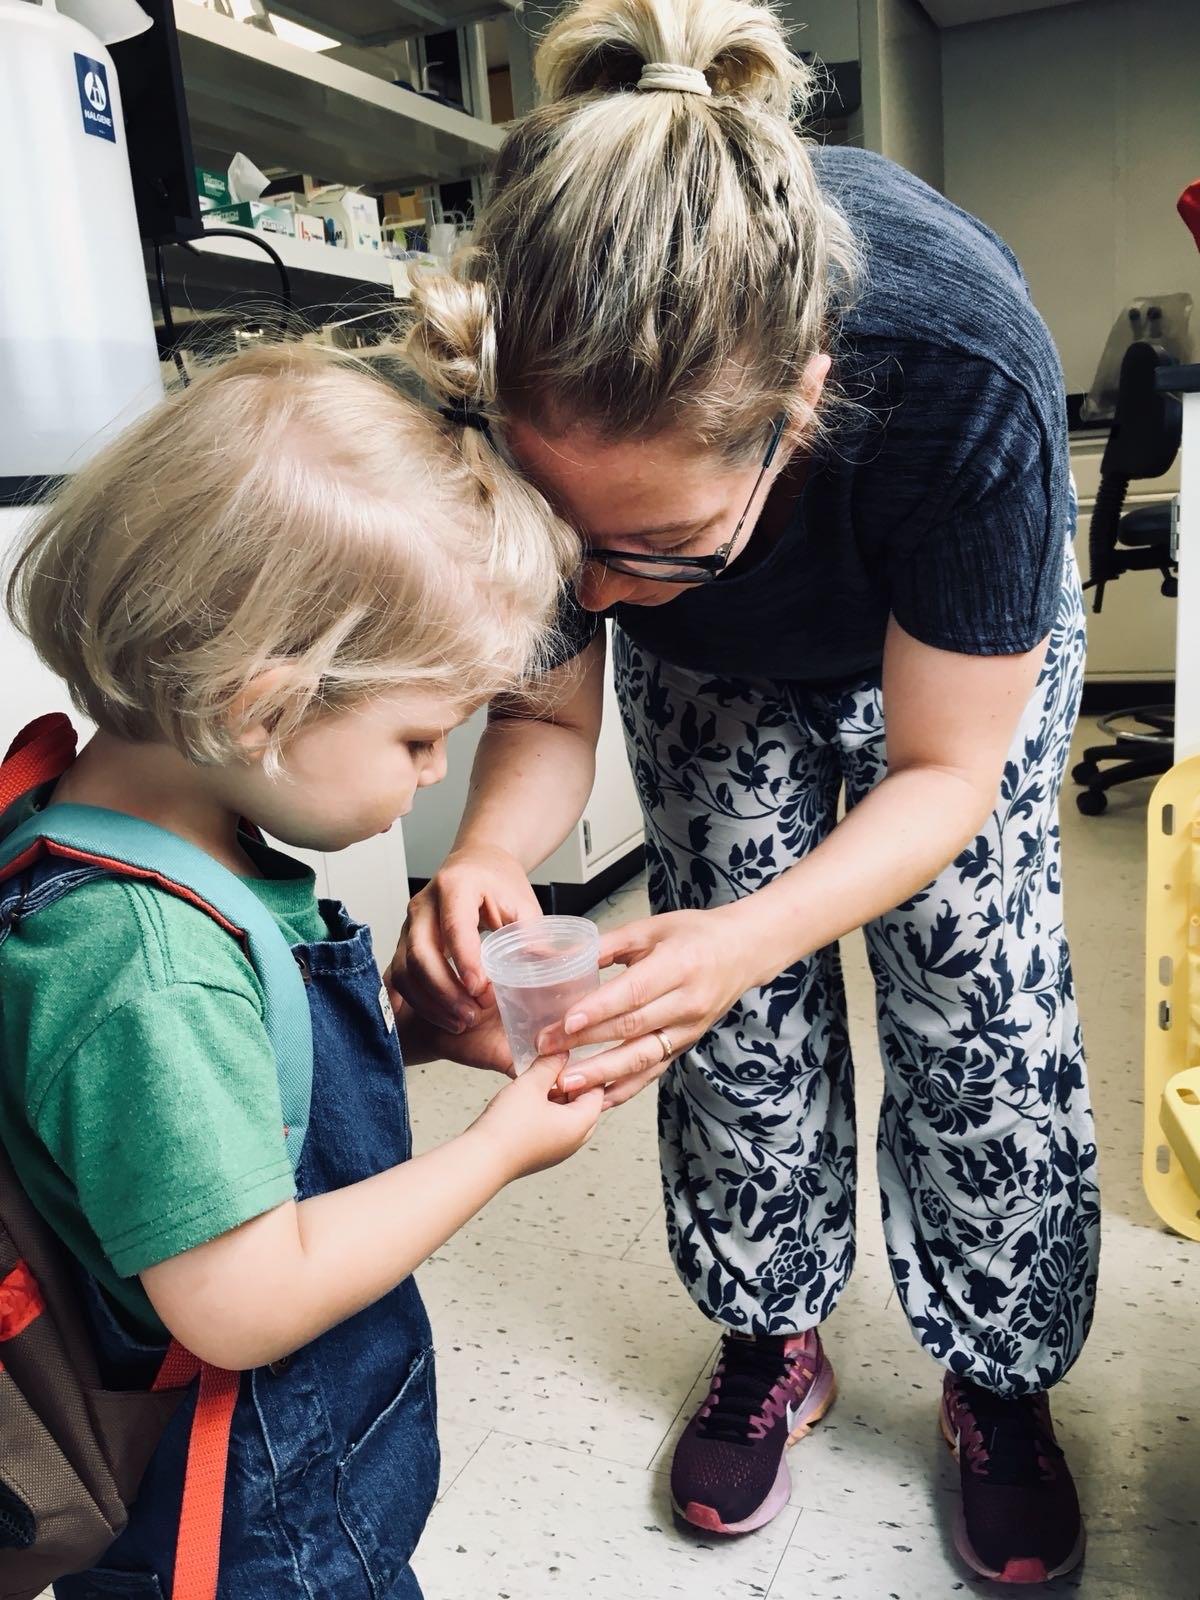 Sophia van Moorsel showing her son shrimps in the lab